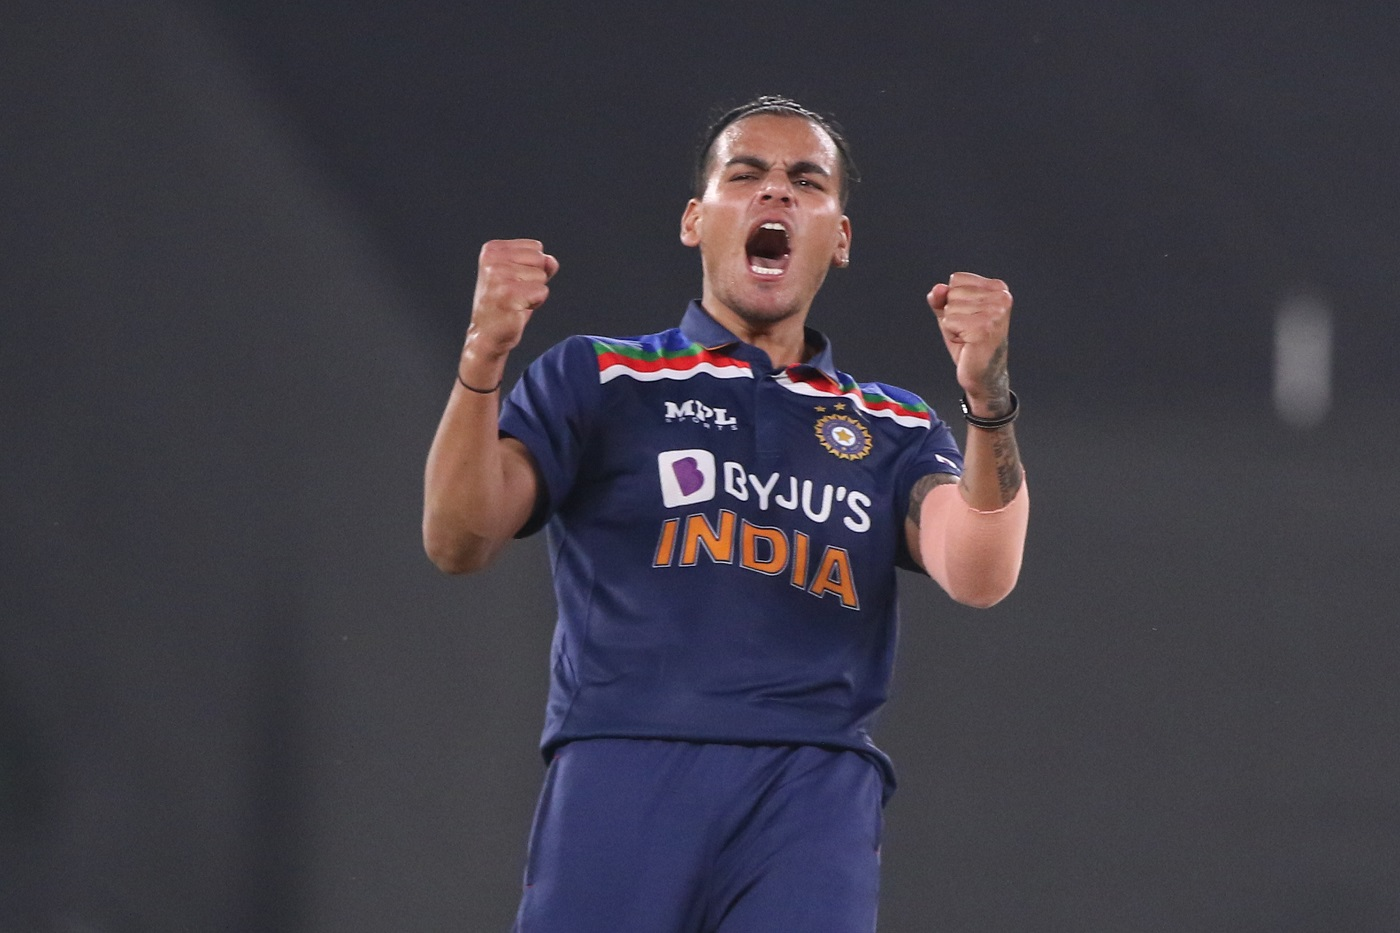 रोहित शर्मा के इस चहेते खिलाड़ी ने 8 साल की उम्र में देखा था सपना, पास पहुंचा, लेकिन विराट कोहली के एक फैसले से टूटा 3